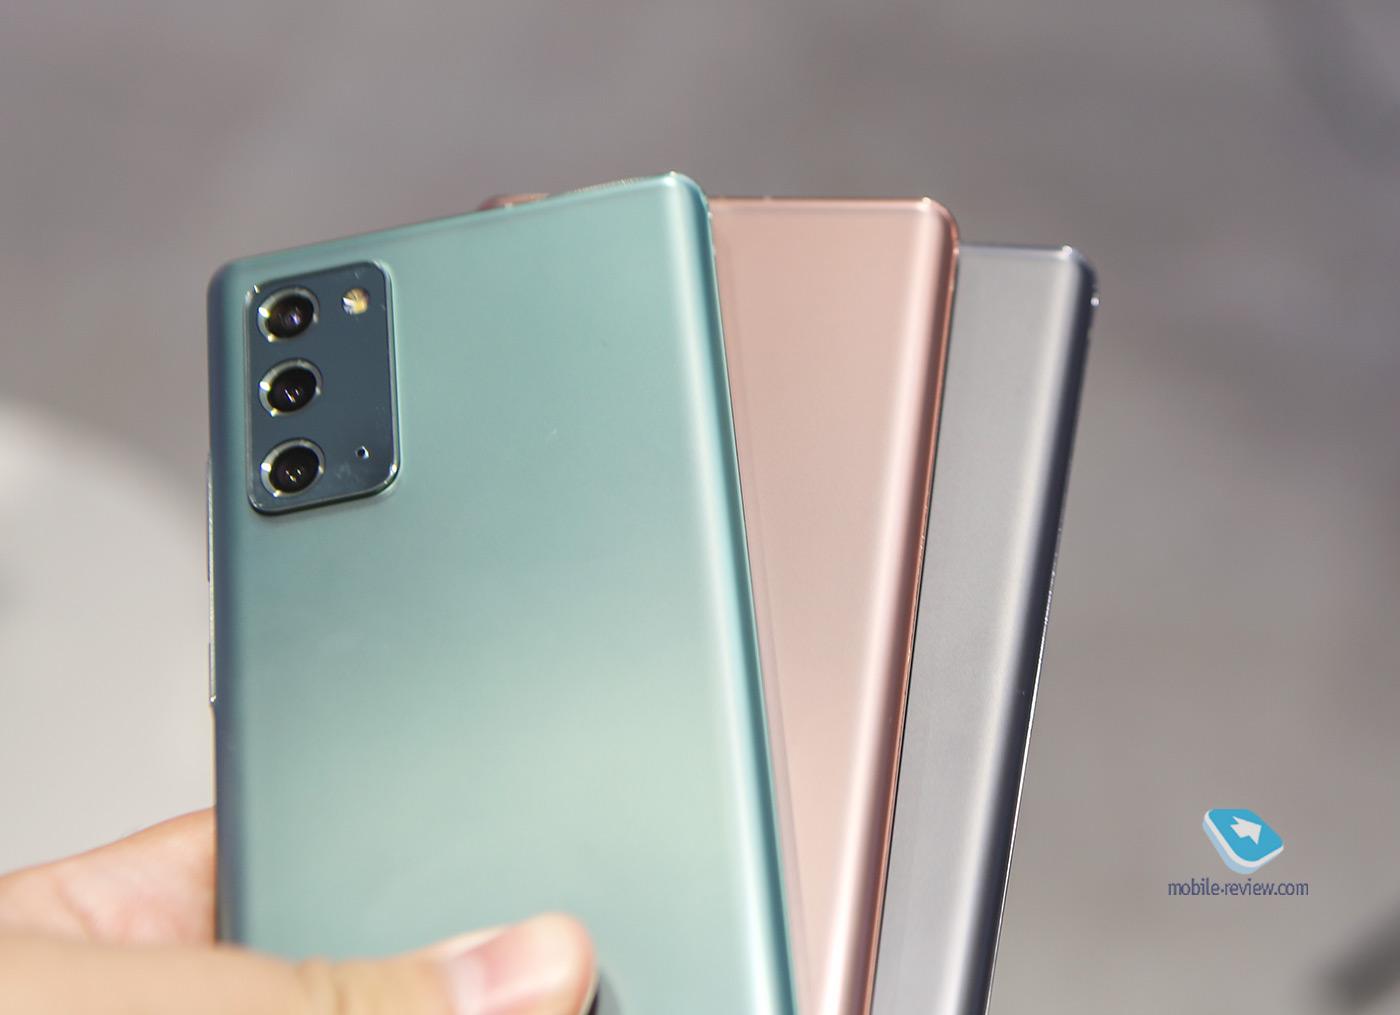 Десять причин купить Samsung Galaxy Note20 видео,гаджеты,Интернет,мобильные телефоны,Россия,смартфоны,советы,телефоны,техника,технологии,электроника